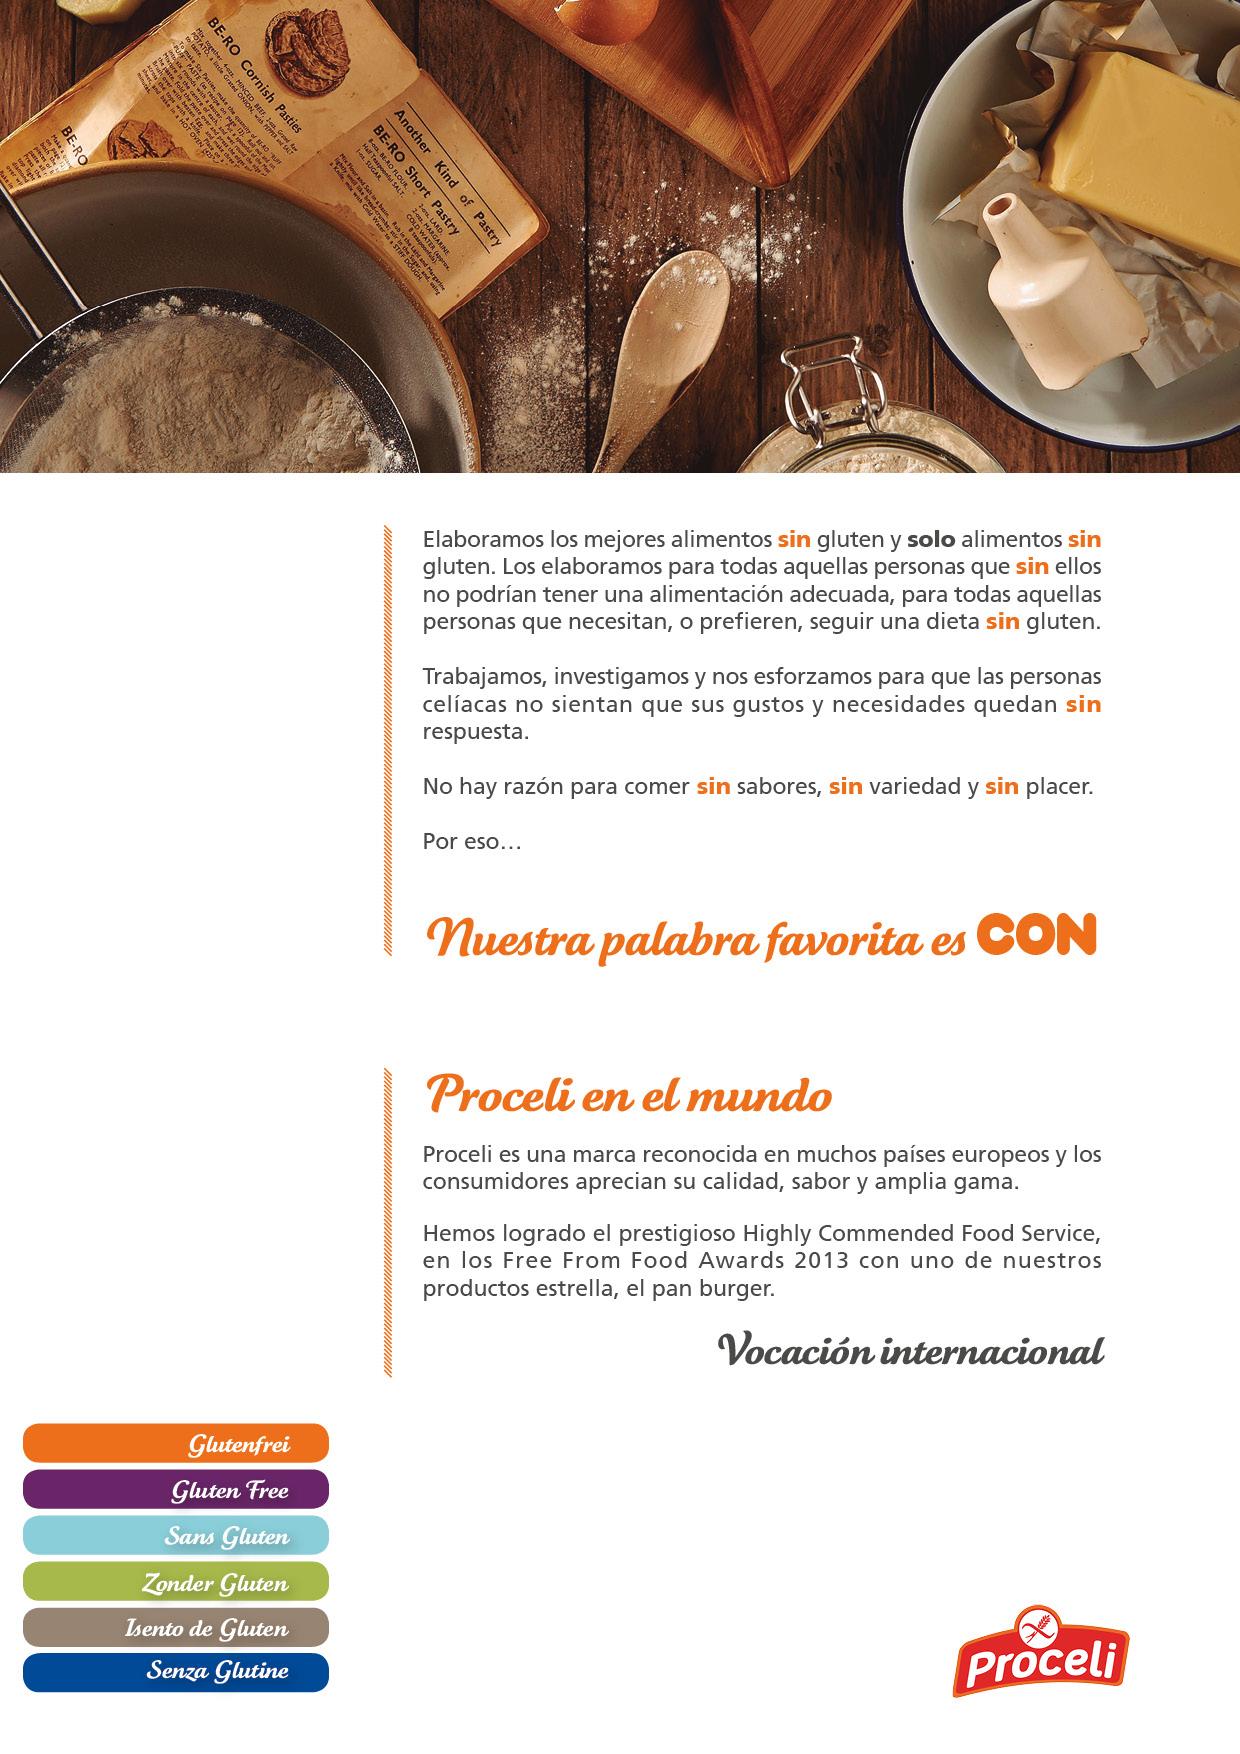 Alimentación sin gluten con Proceli